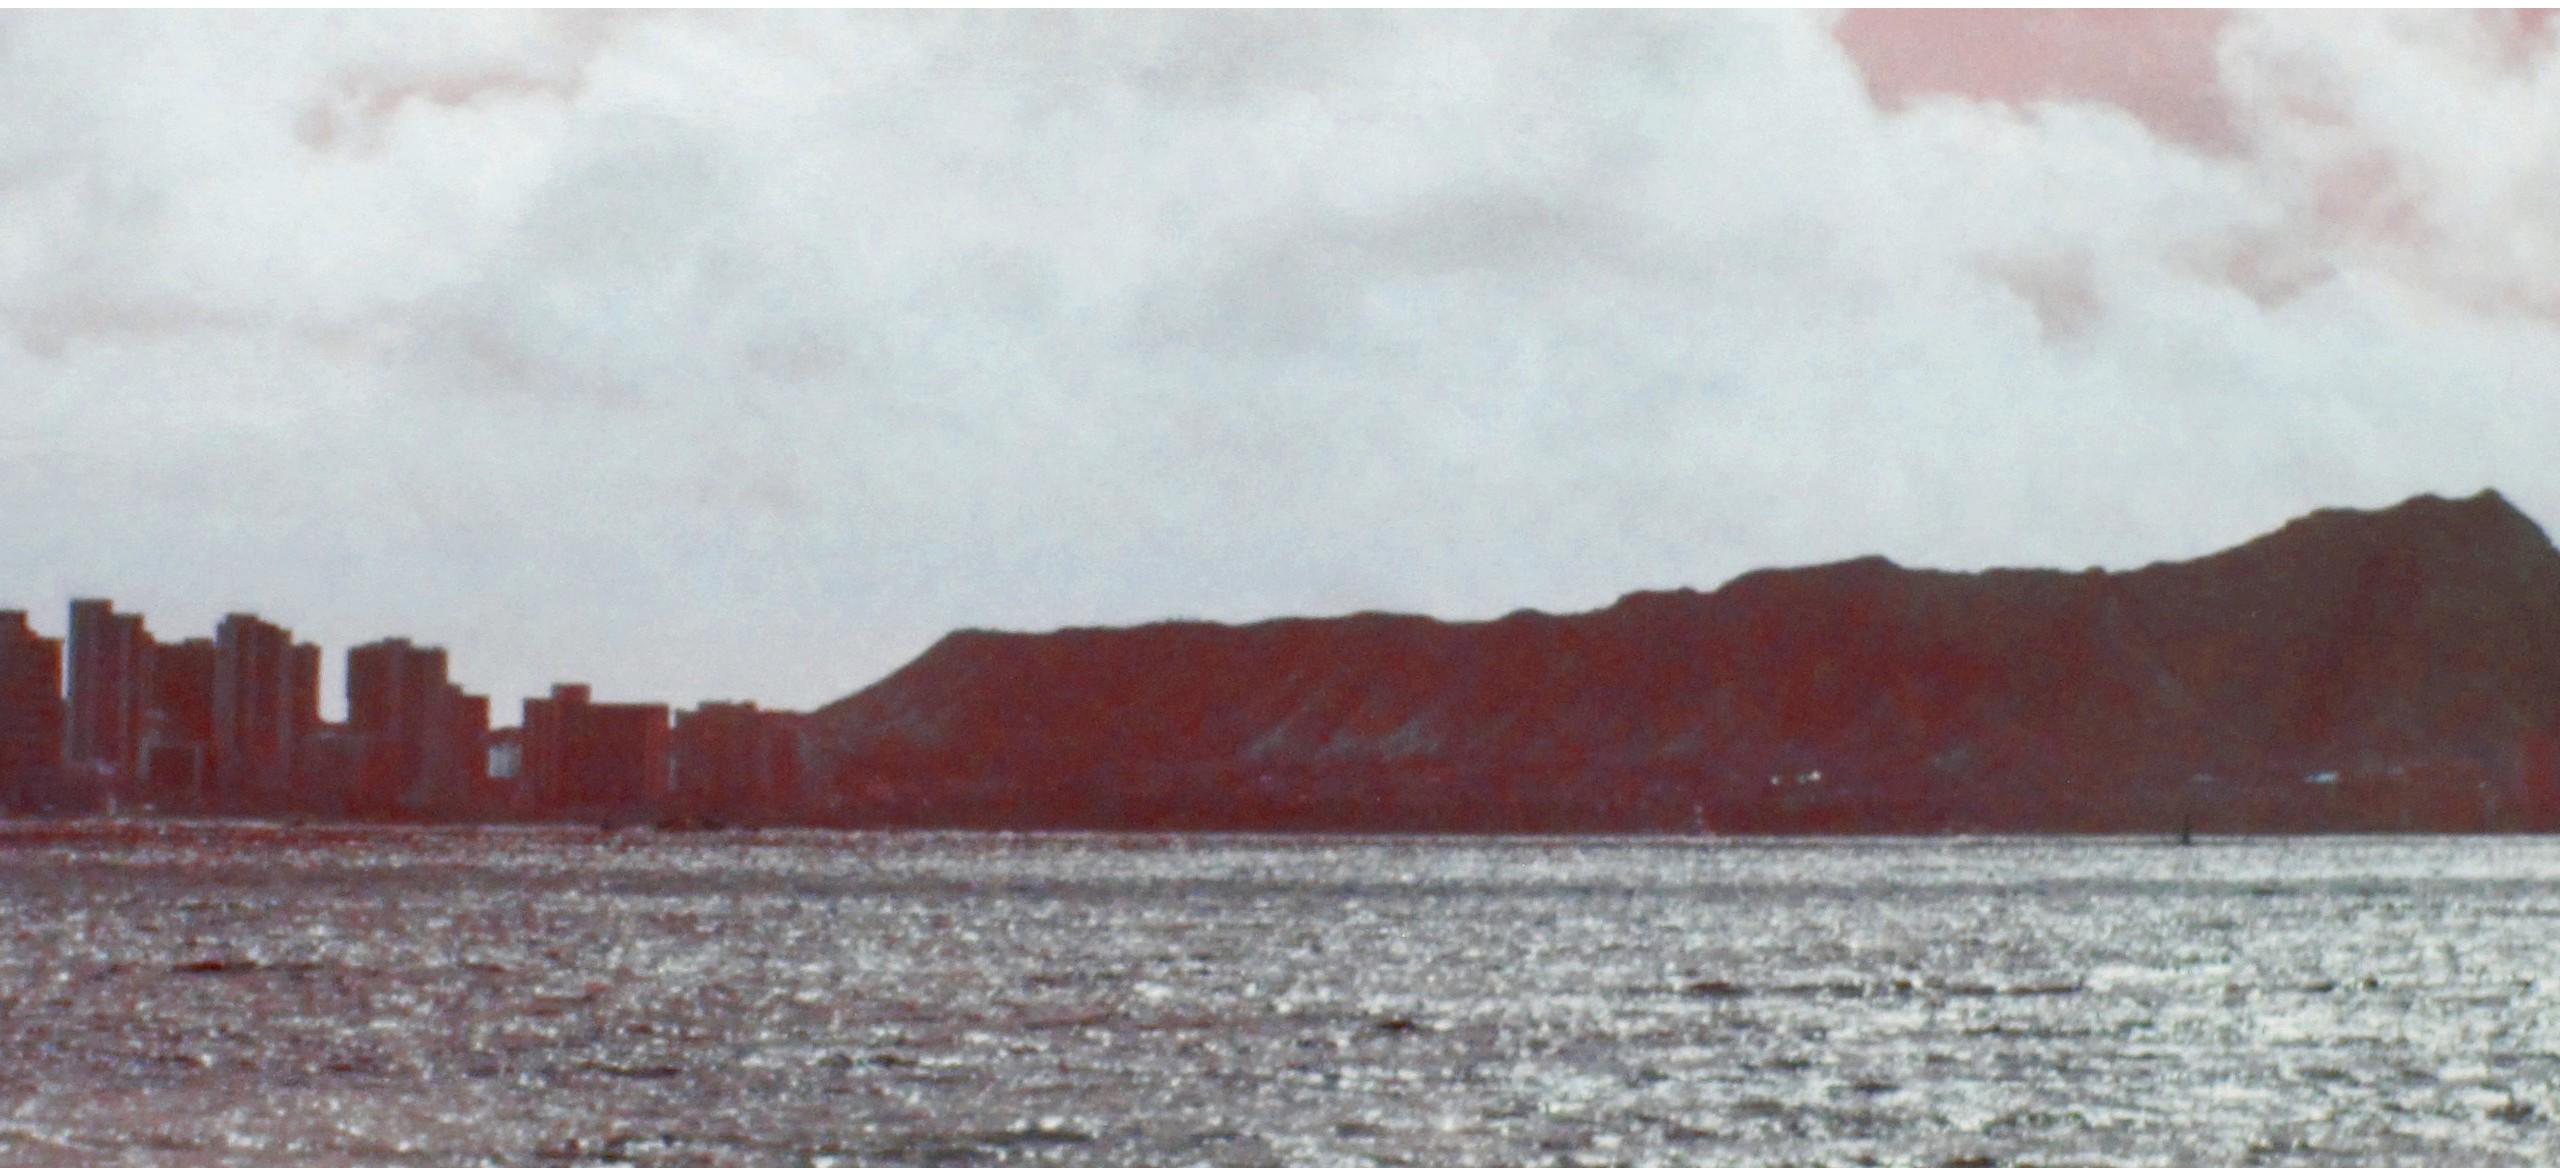 Panoramablick vom Meer auf Waikiki und Diamond Head